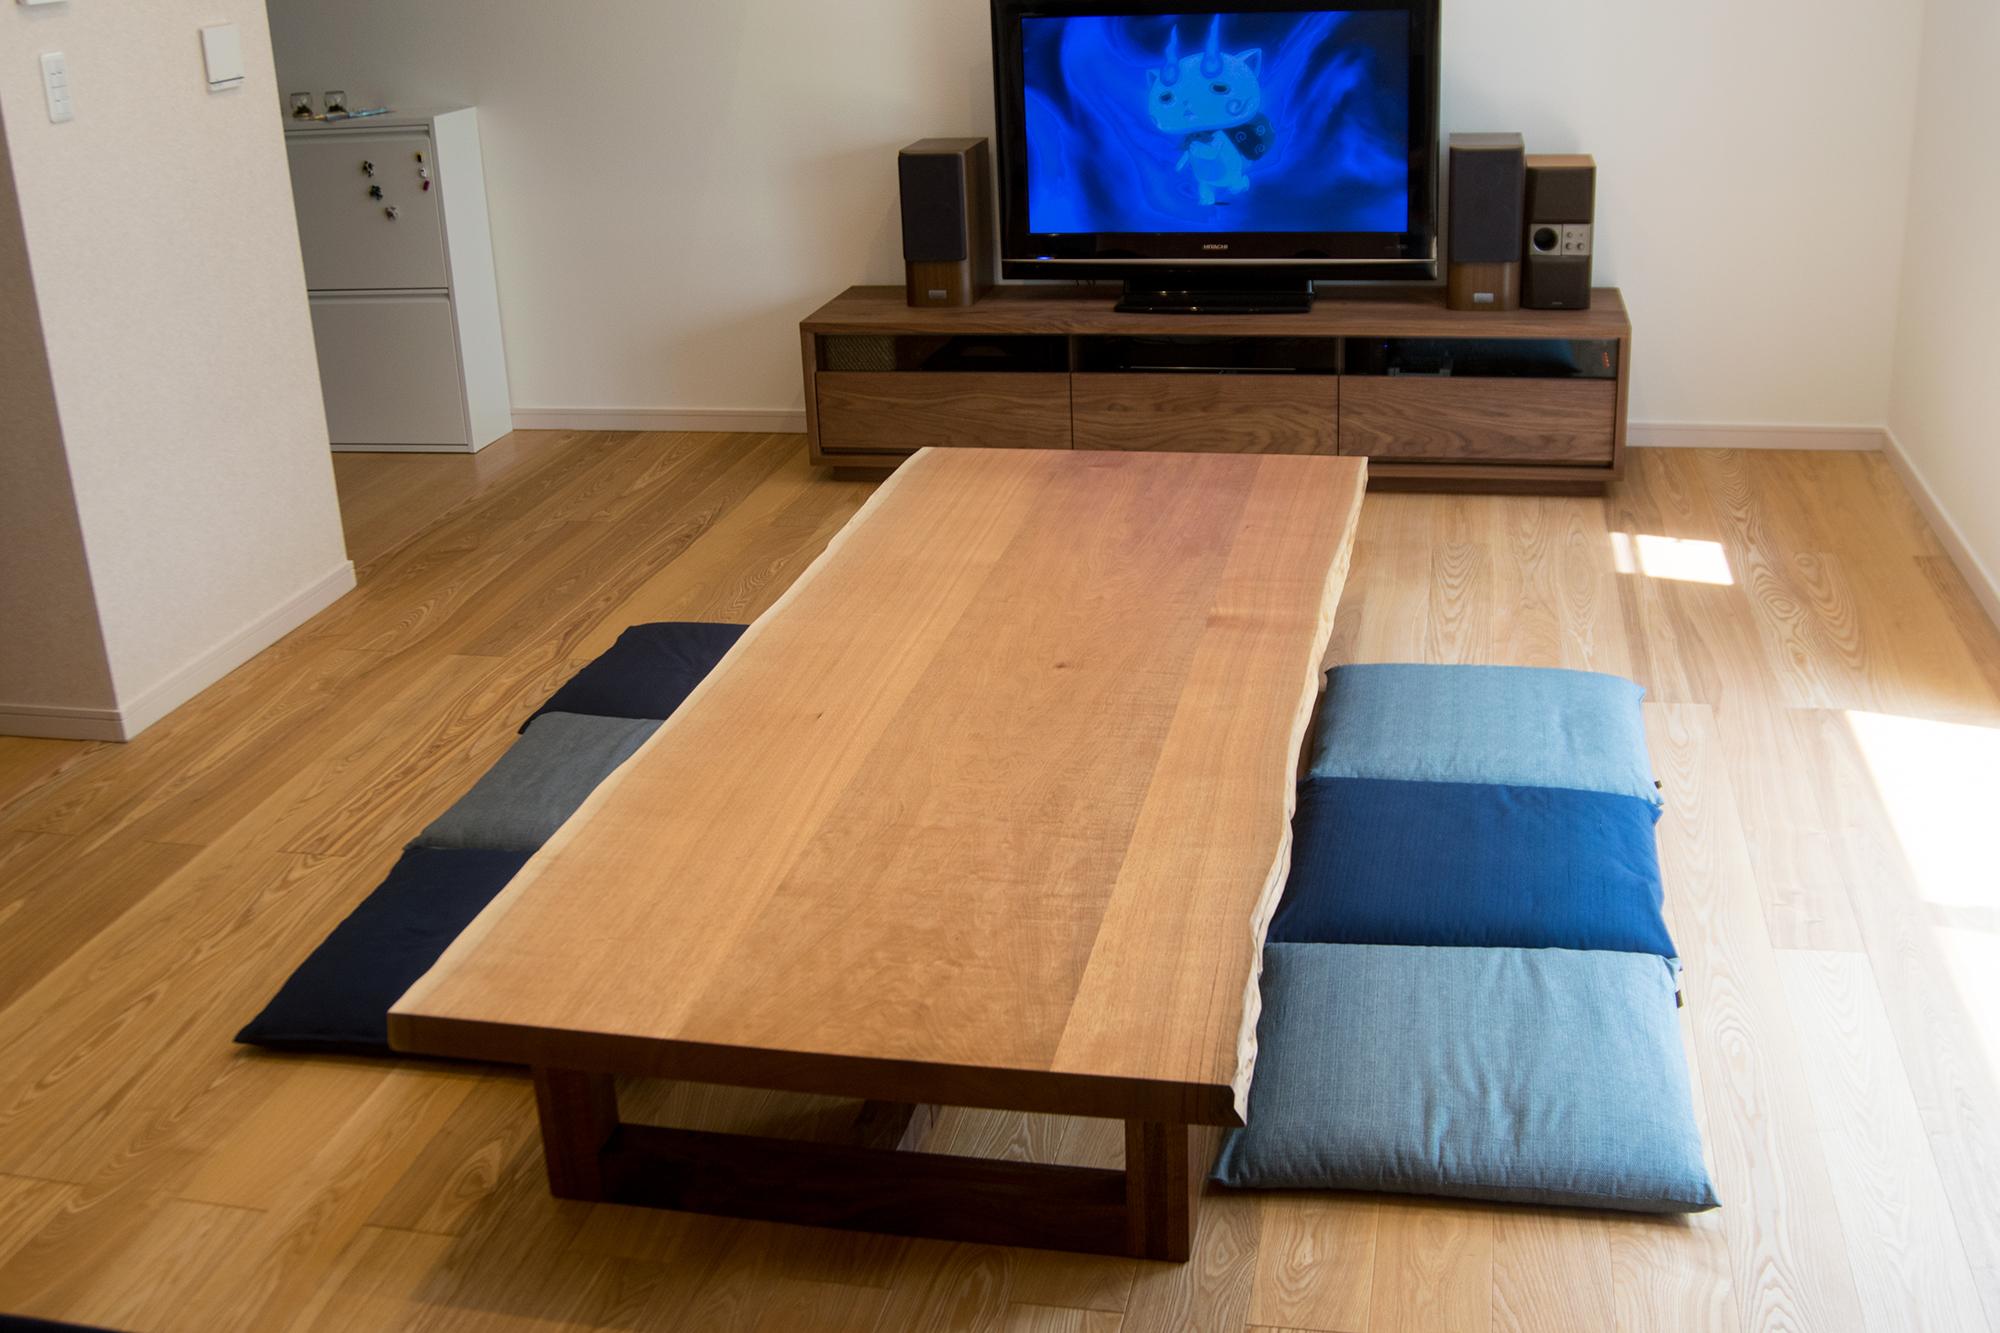 クルミ三枚接ぎ天板のローテーブル